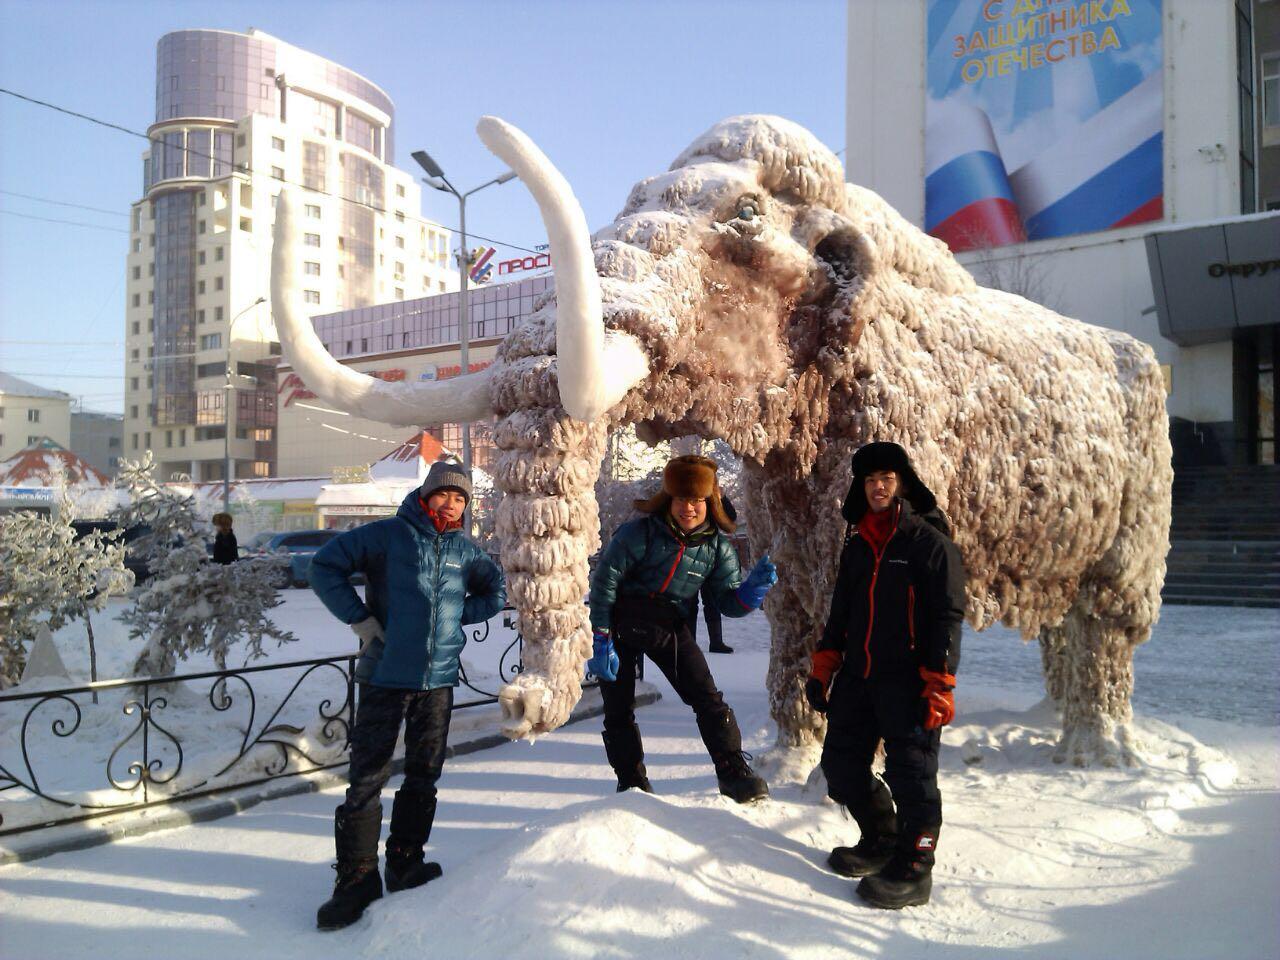 Замерзшие в Тюнгюлю: Путешествие японских велосипедистов в Верхоянск завершилось в начале пути